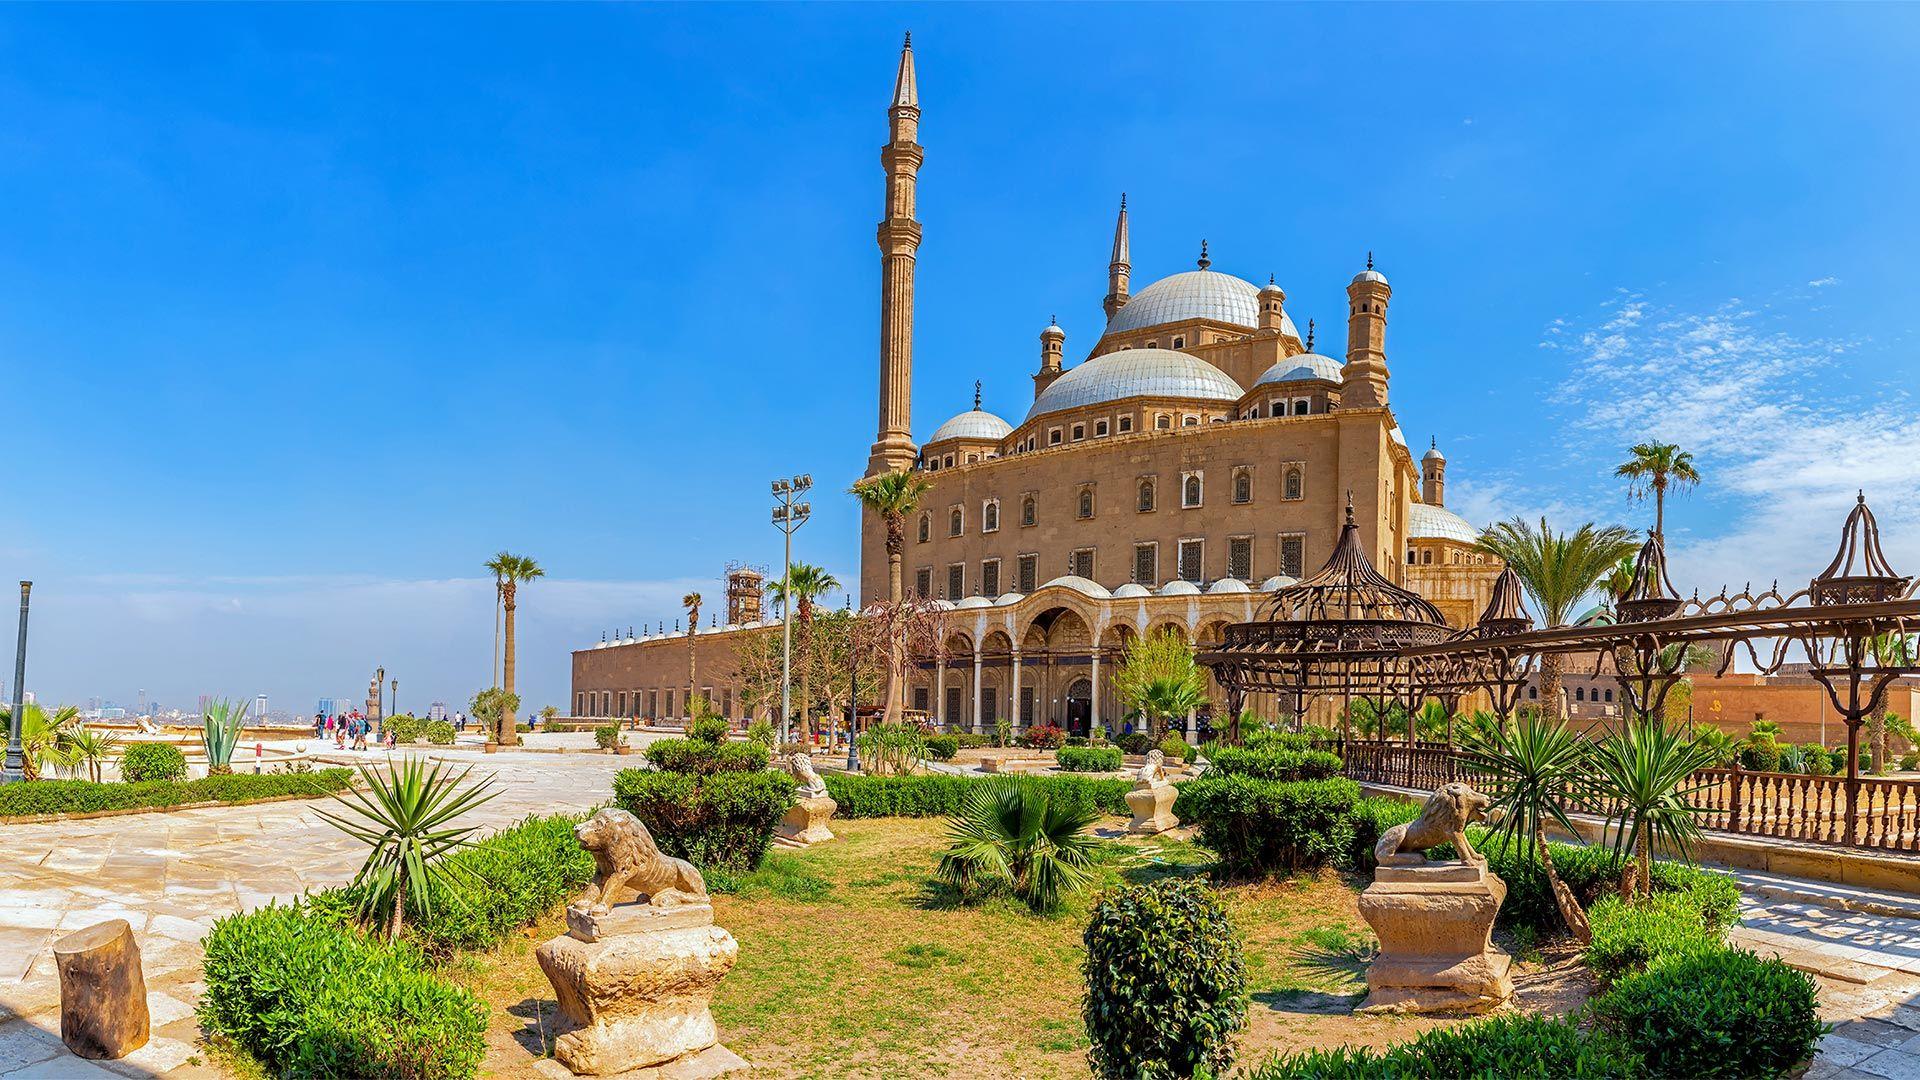 Circuit de grup - Essential Egipt, 8 zile - 17 noiembrie 2021